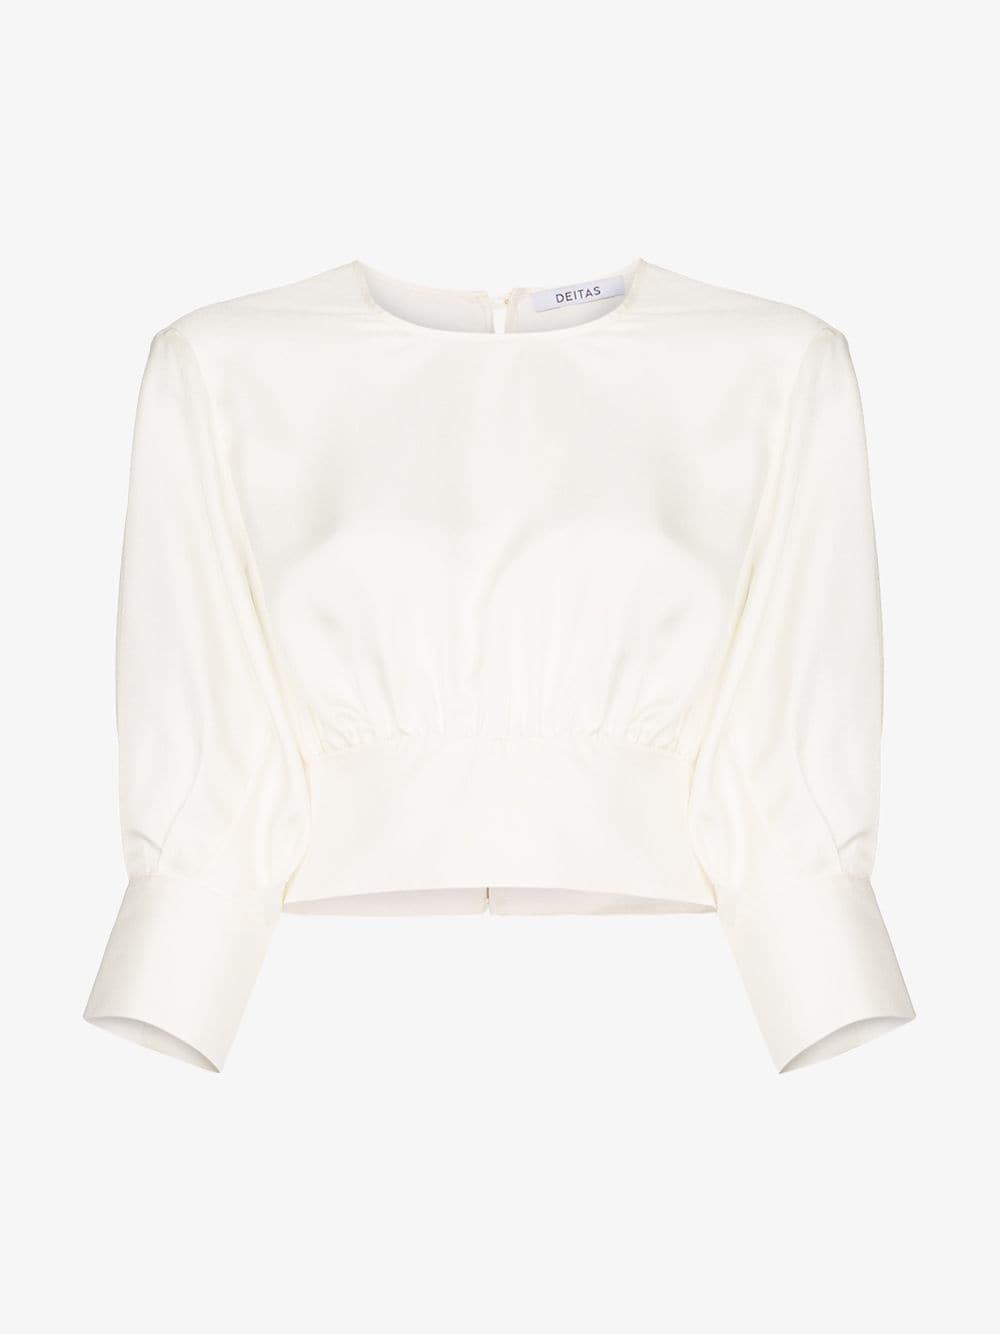 Deitas Sade cropped silk blouse in white